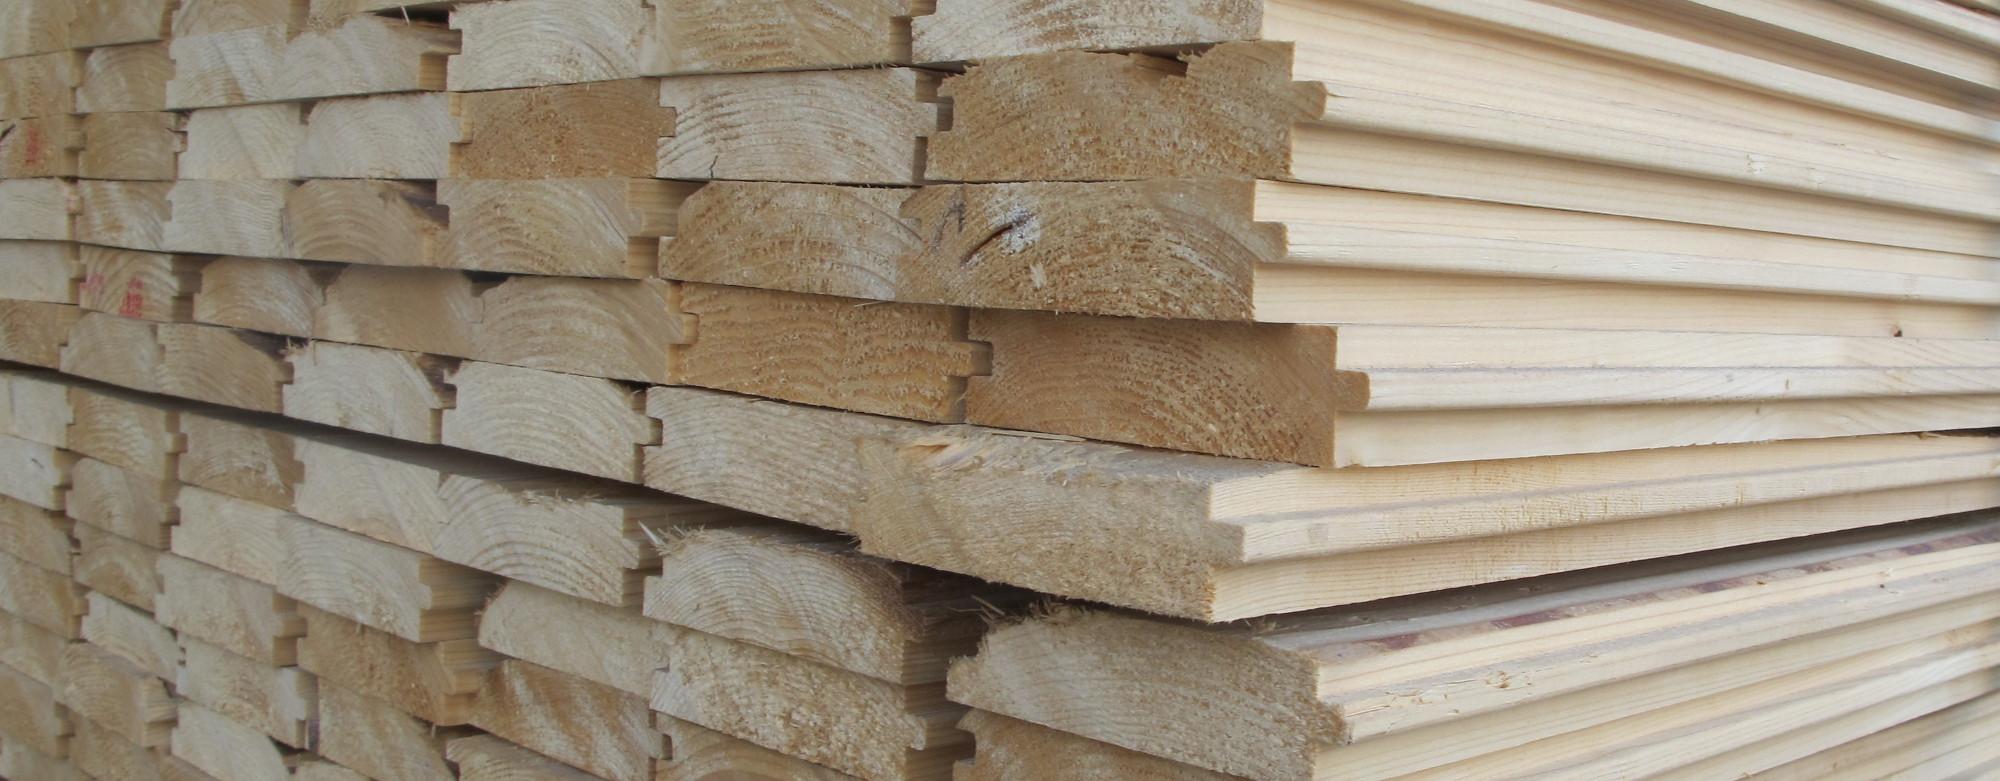 Grosshandel Holzbau Hobelware Holzgrosshandel Holzfachmarkt